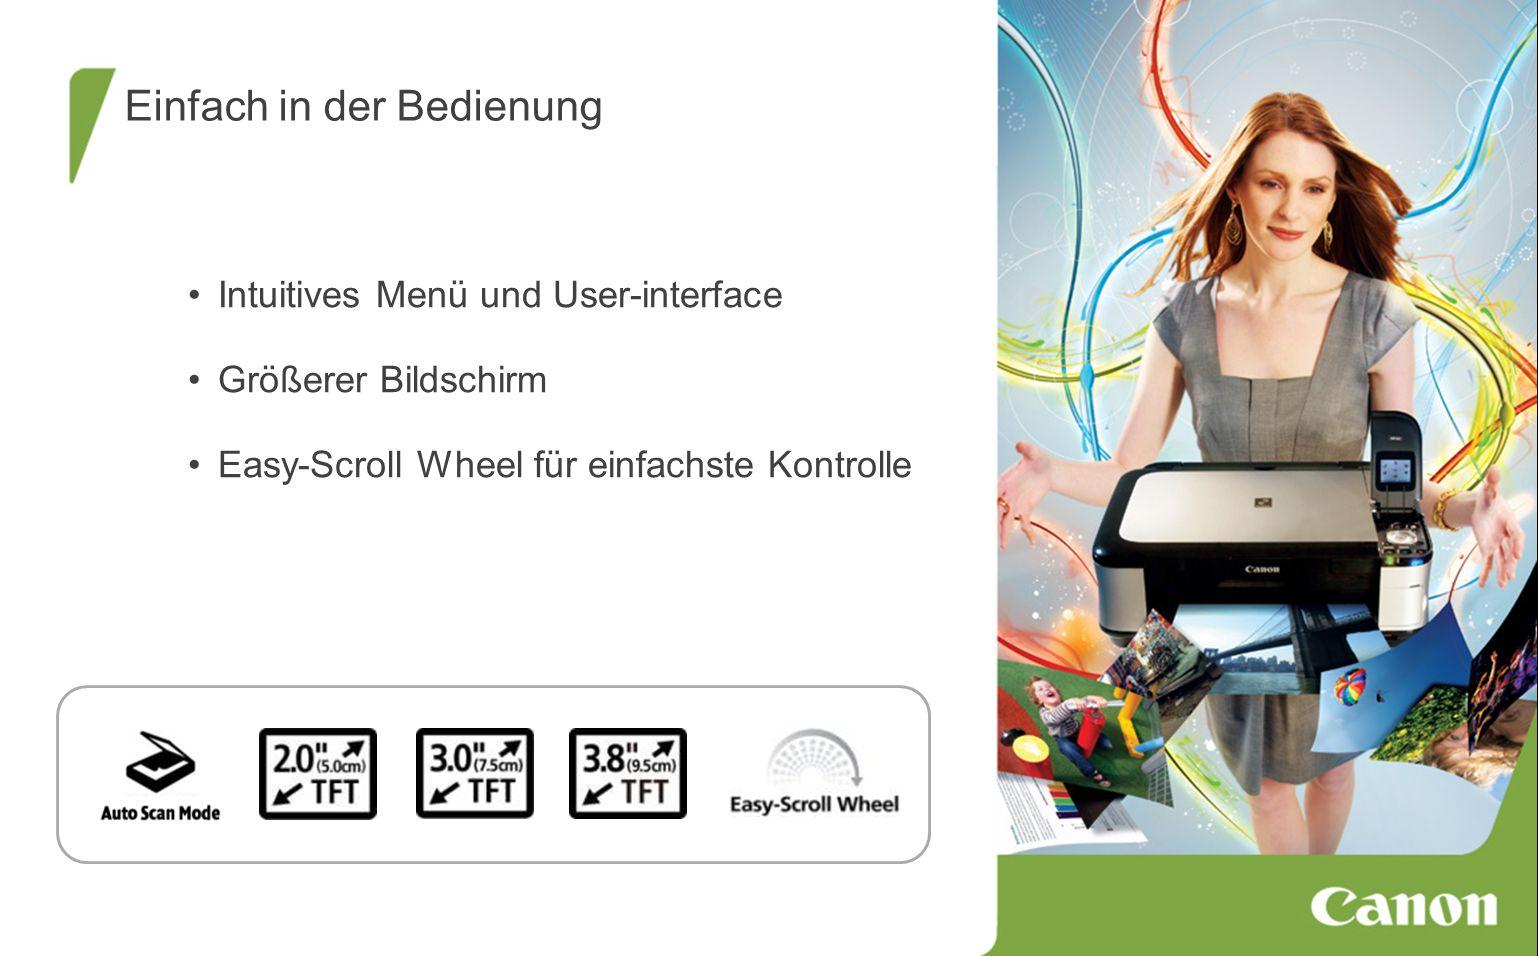 Einfach in der Bedienung Intuitives Menü und User-interface Größerer Bildschirm Easy-Scroll Wheel für einfachste Kontrolle